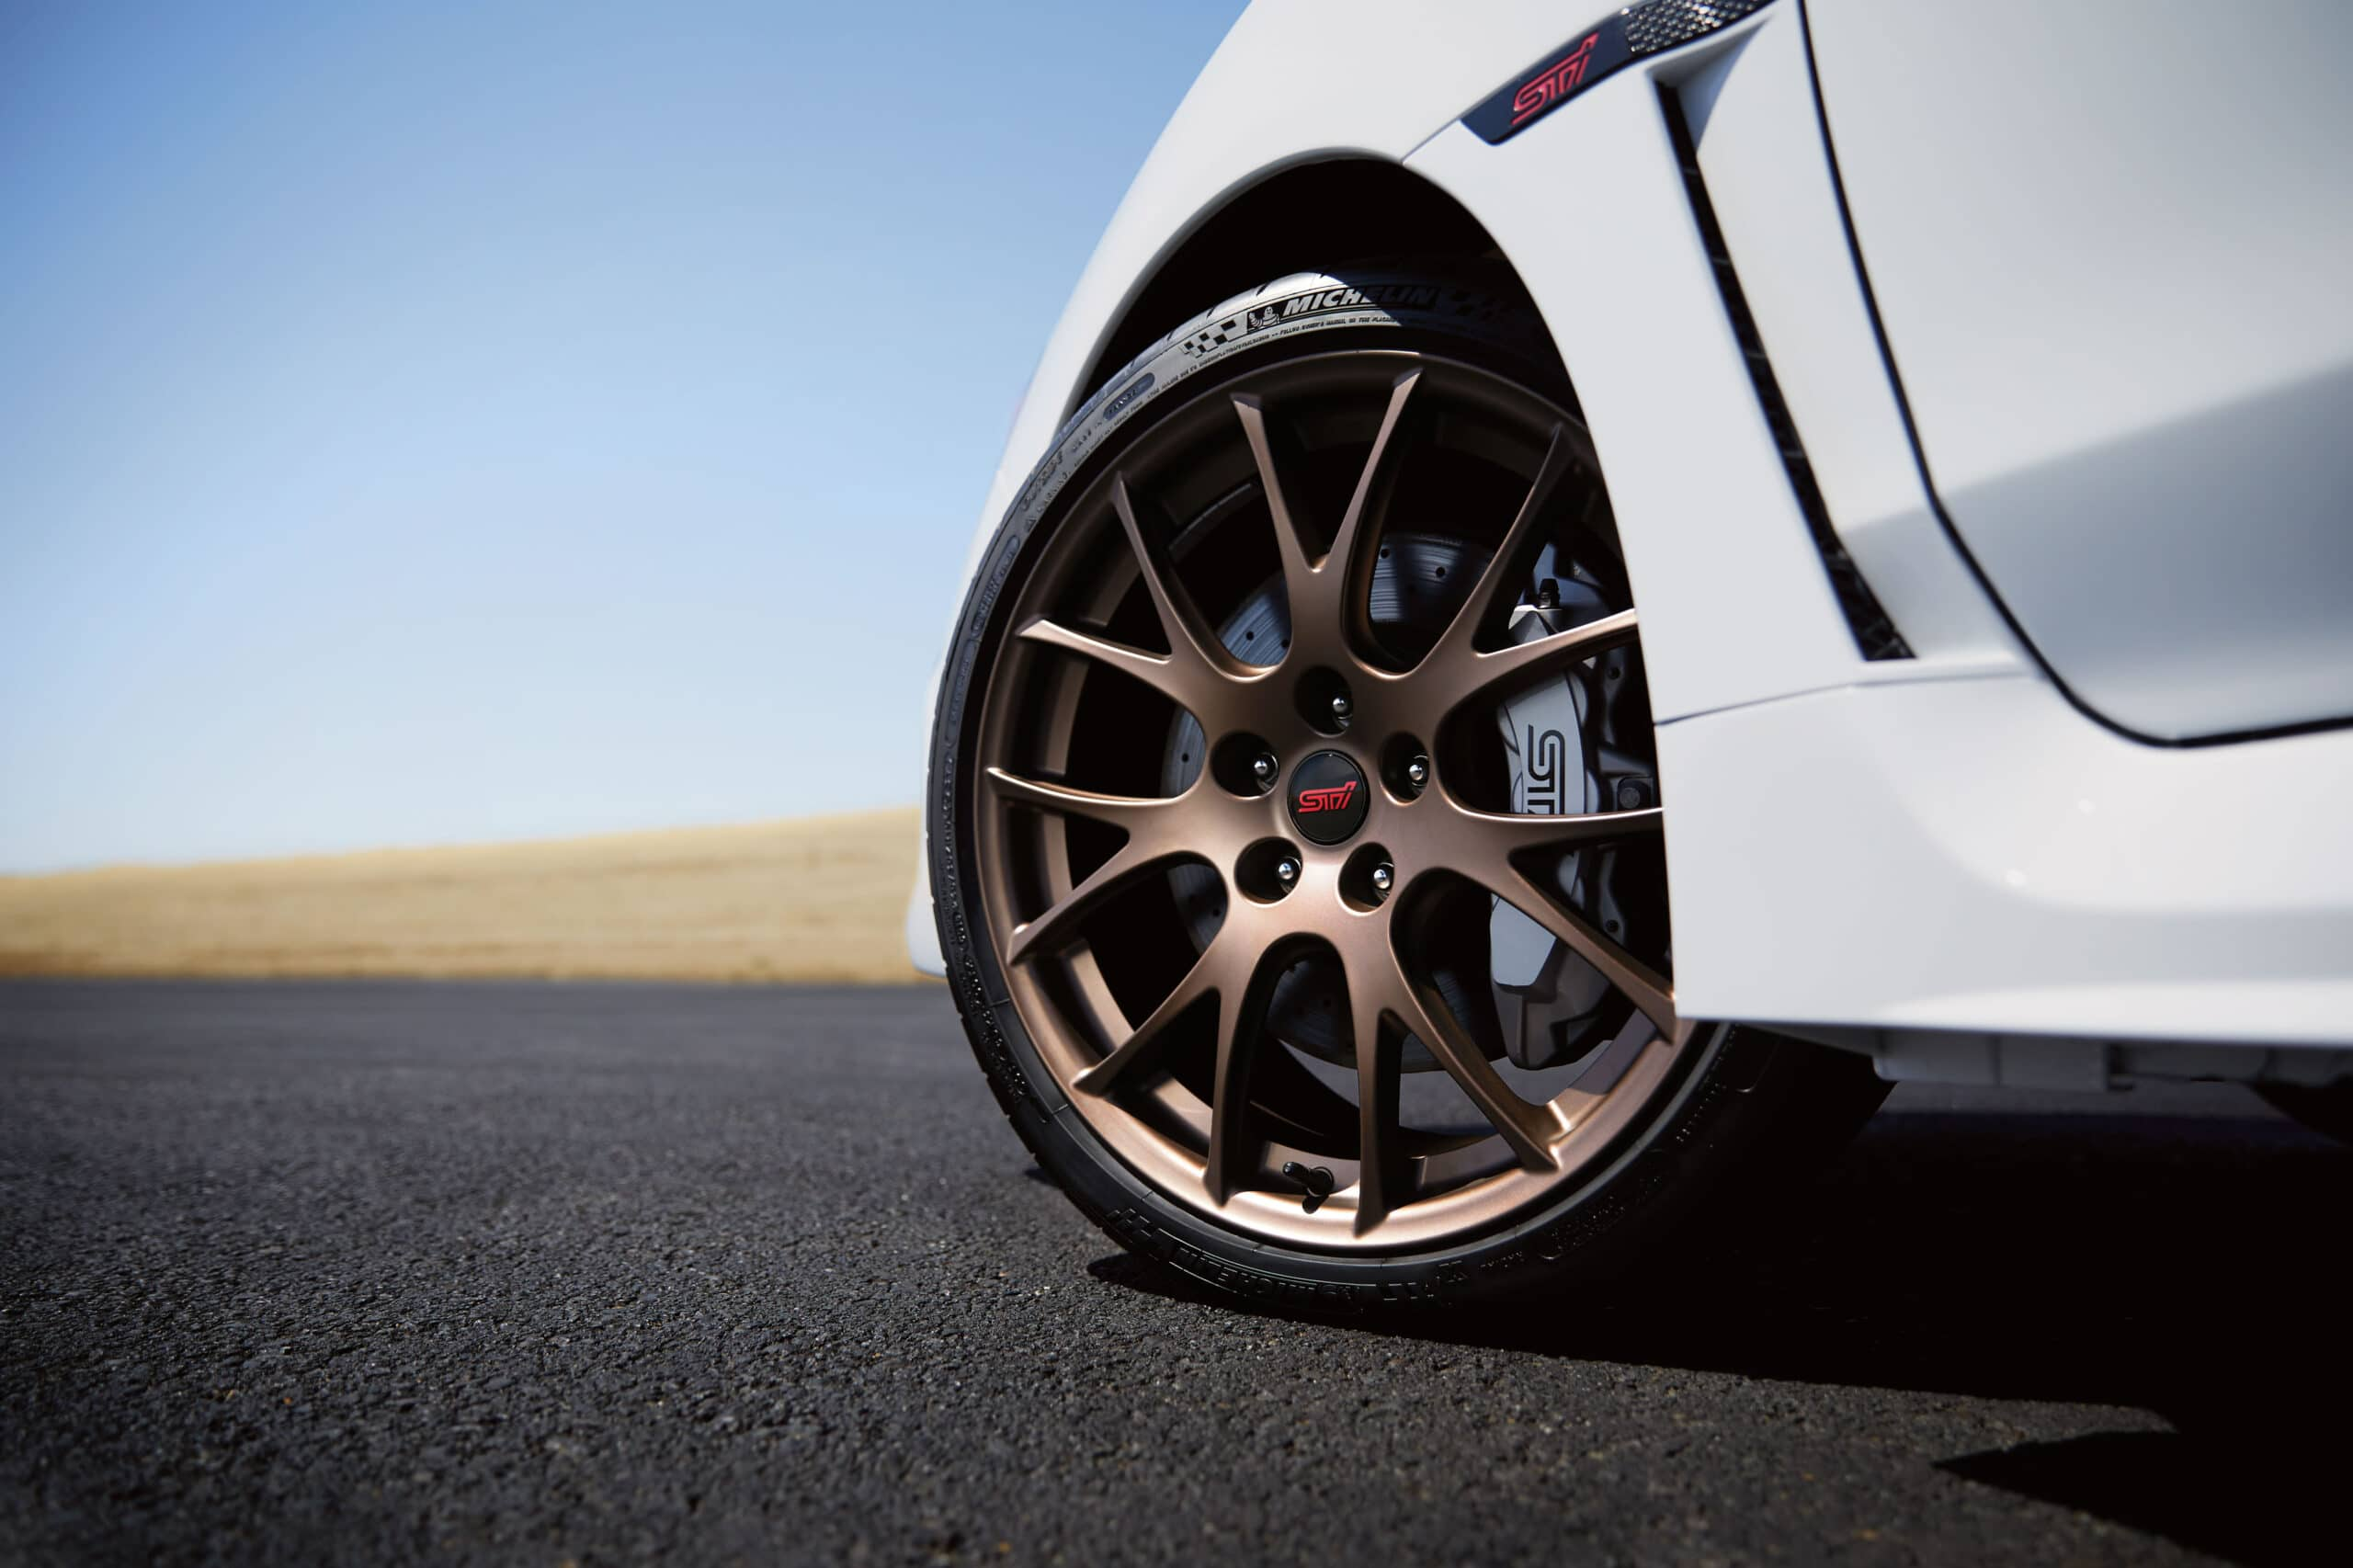 jantes de 19 pouces en alliage d'aluminium forgé au fini bronze de la Subaru WRX STI édition Kanrai 2020